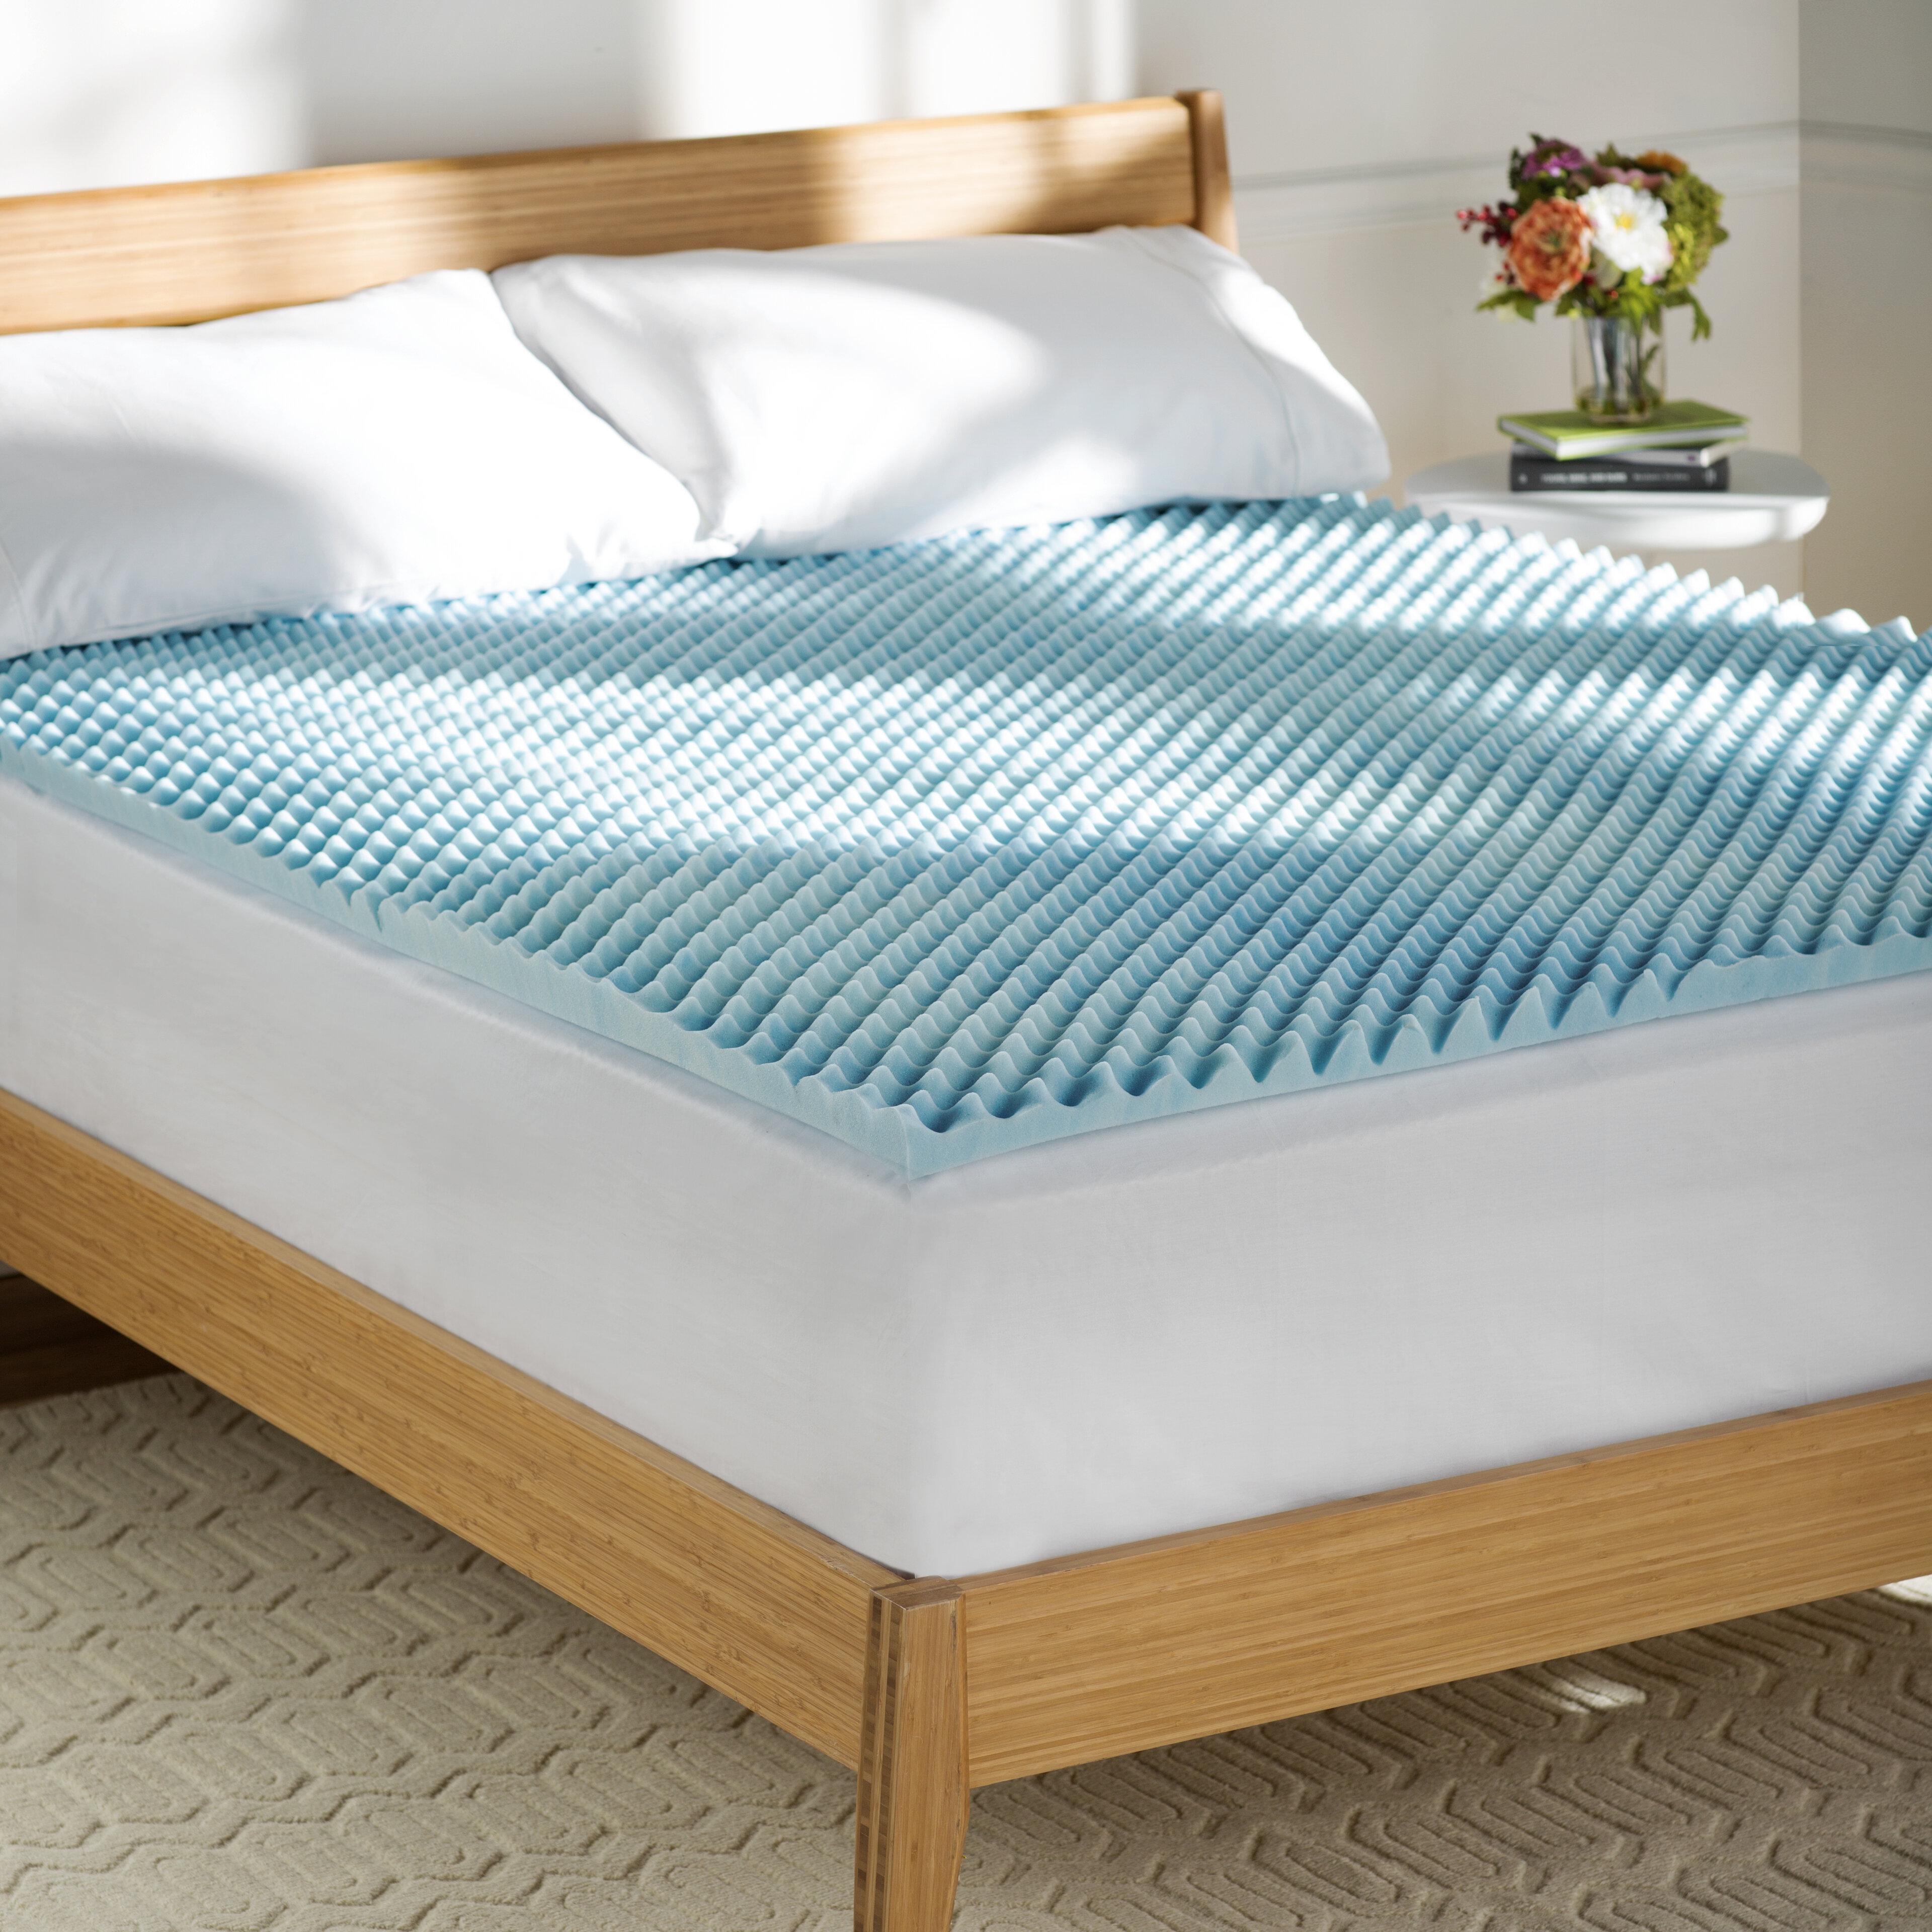 pdp silentnight reviews memory mattress bedding co foam textiles pad wayfair impress uk topper